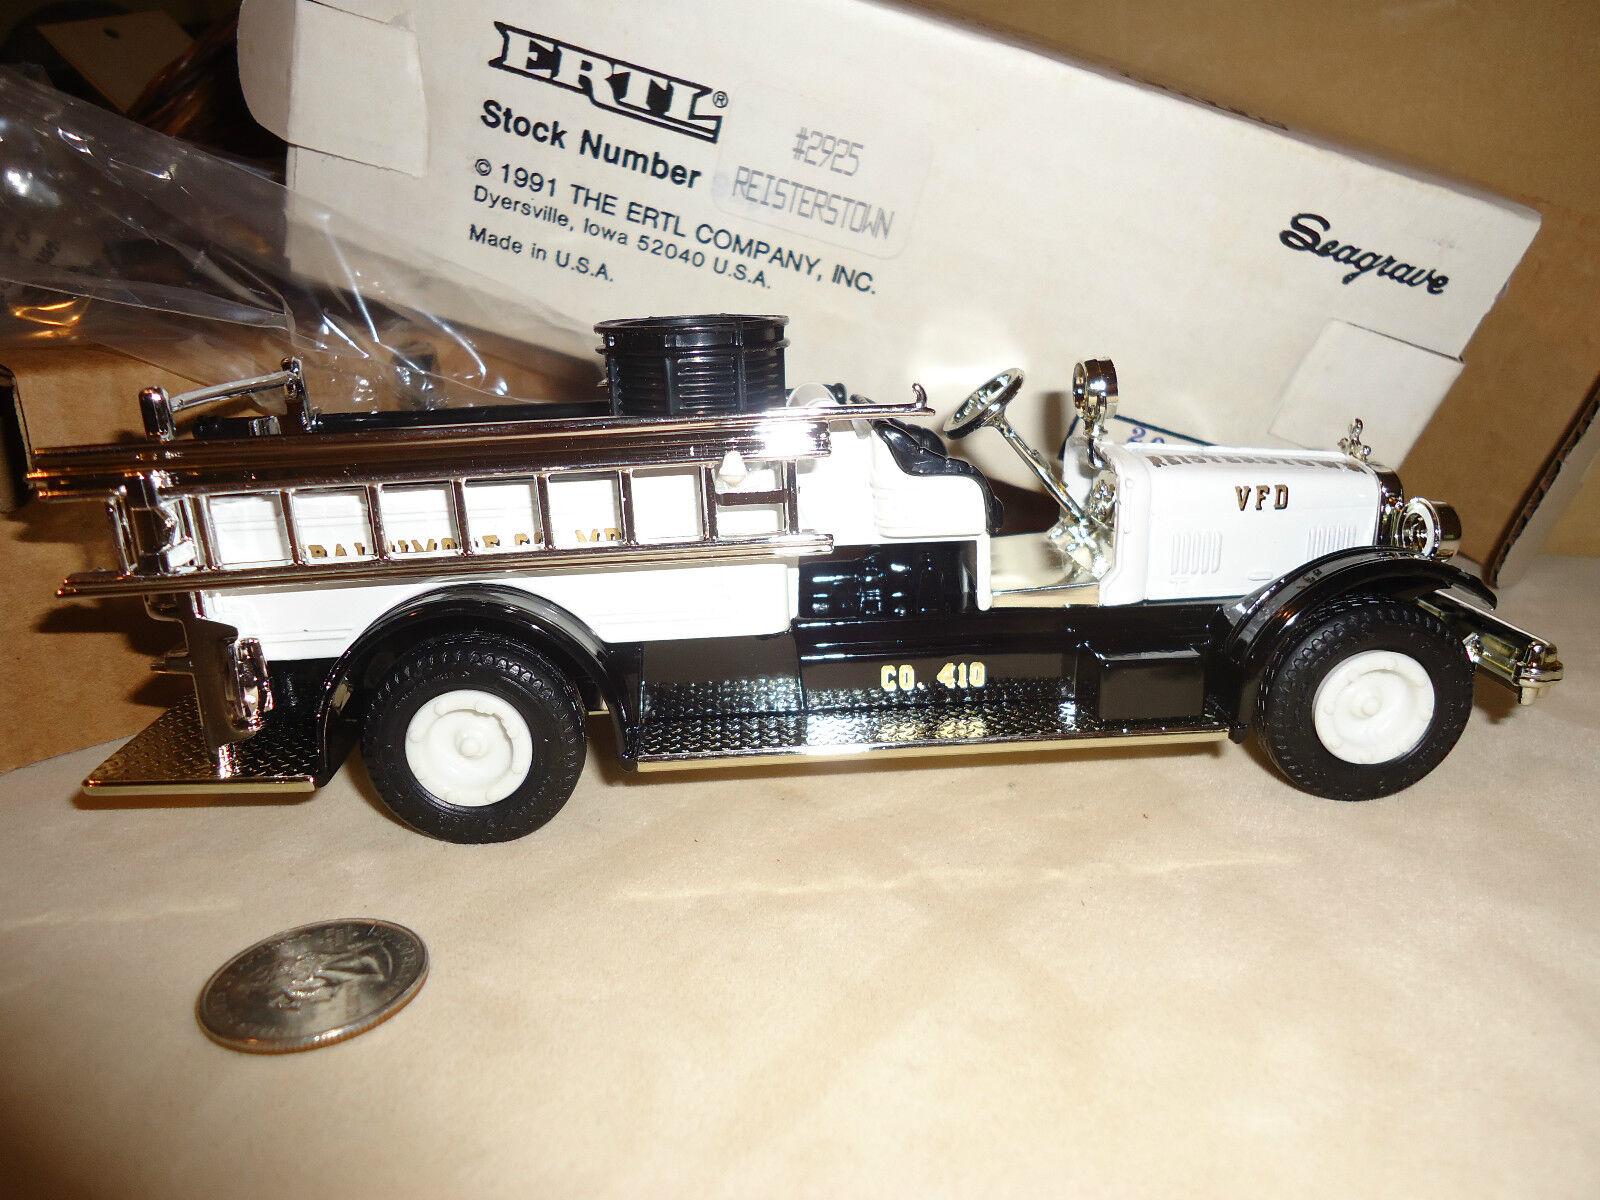 BALTIMORE REISTERTOWN, MD V.F.D.  1 1926 SEAGRAVE FIRE TRUCK ERLT STOCK  2925